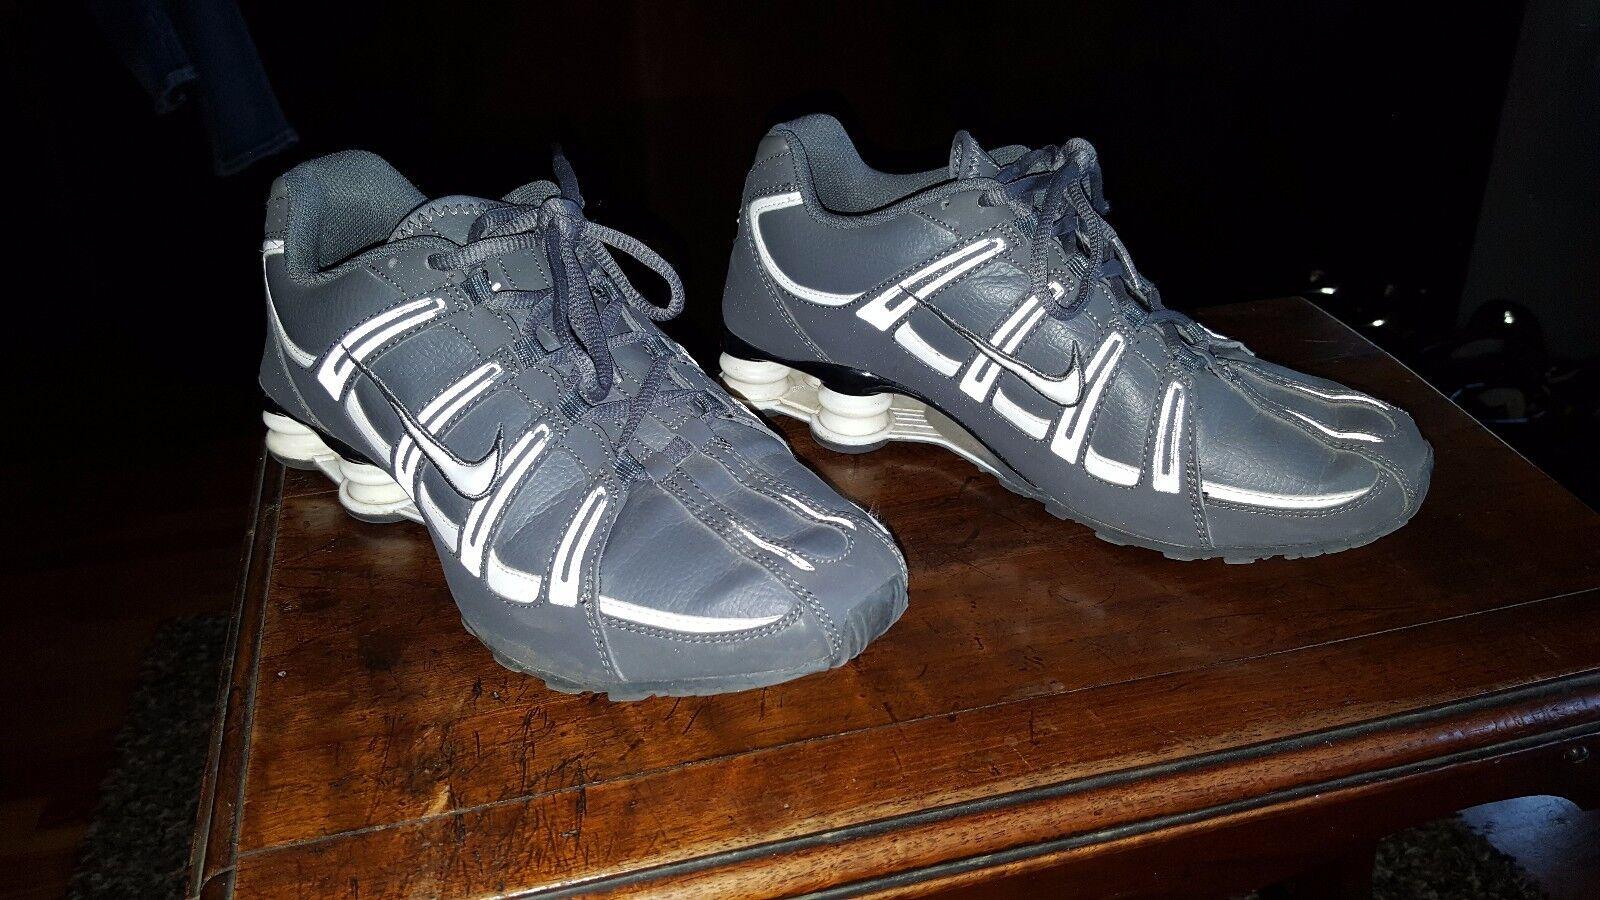 Nike Shox Turbo SL 2012 Running Multi Grey Athletic 525248-011